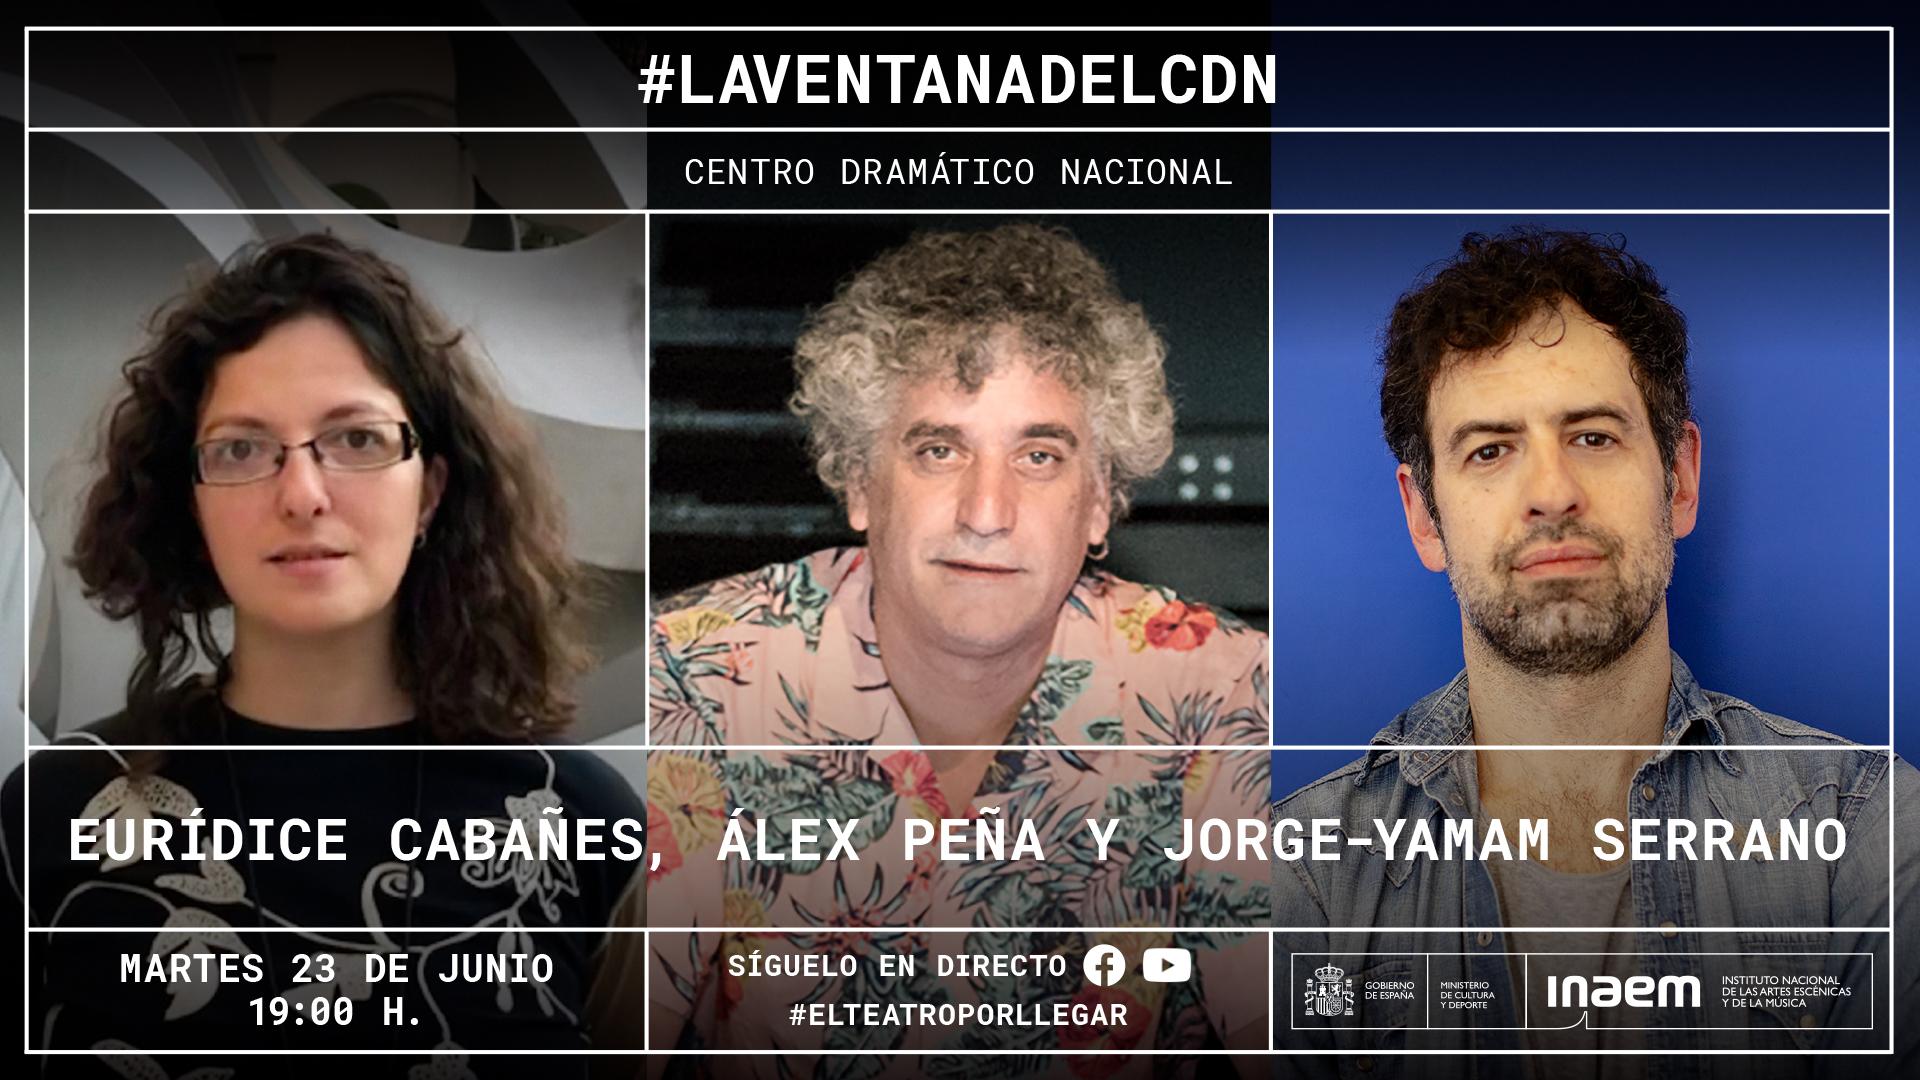 Eurídice Cabañes, Álex Peña y Jorge-Yamam Serrano dialogan sobre la relación entre la cultura y la tecnología